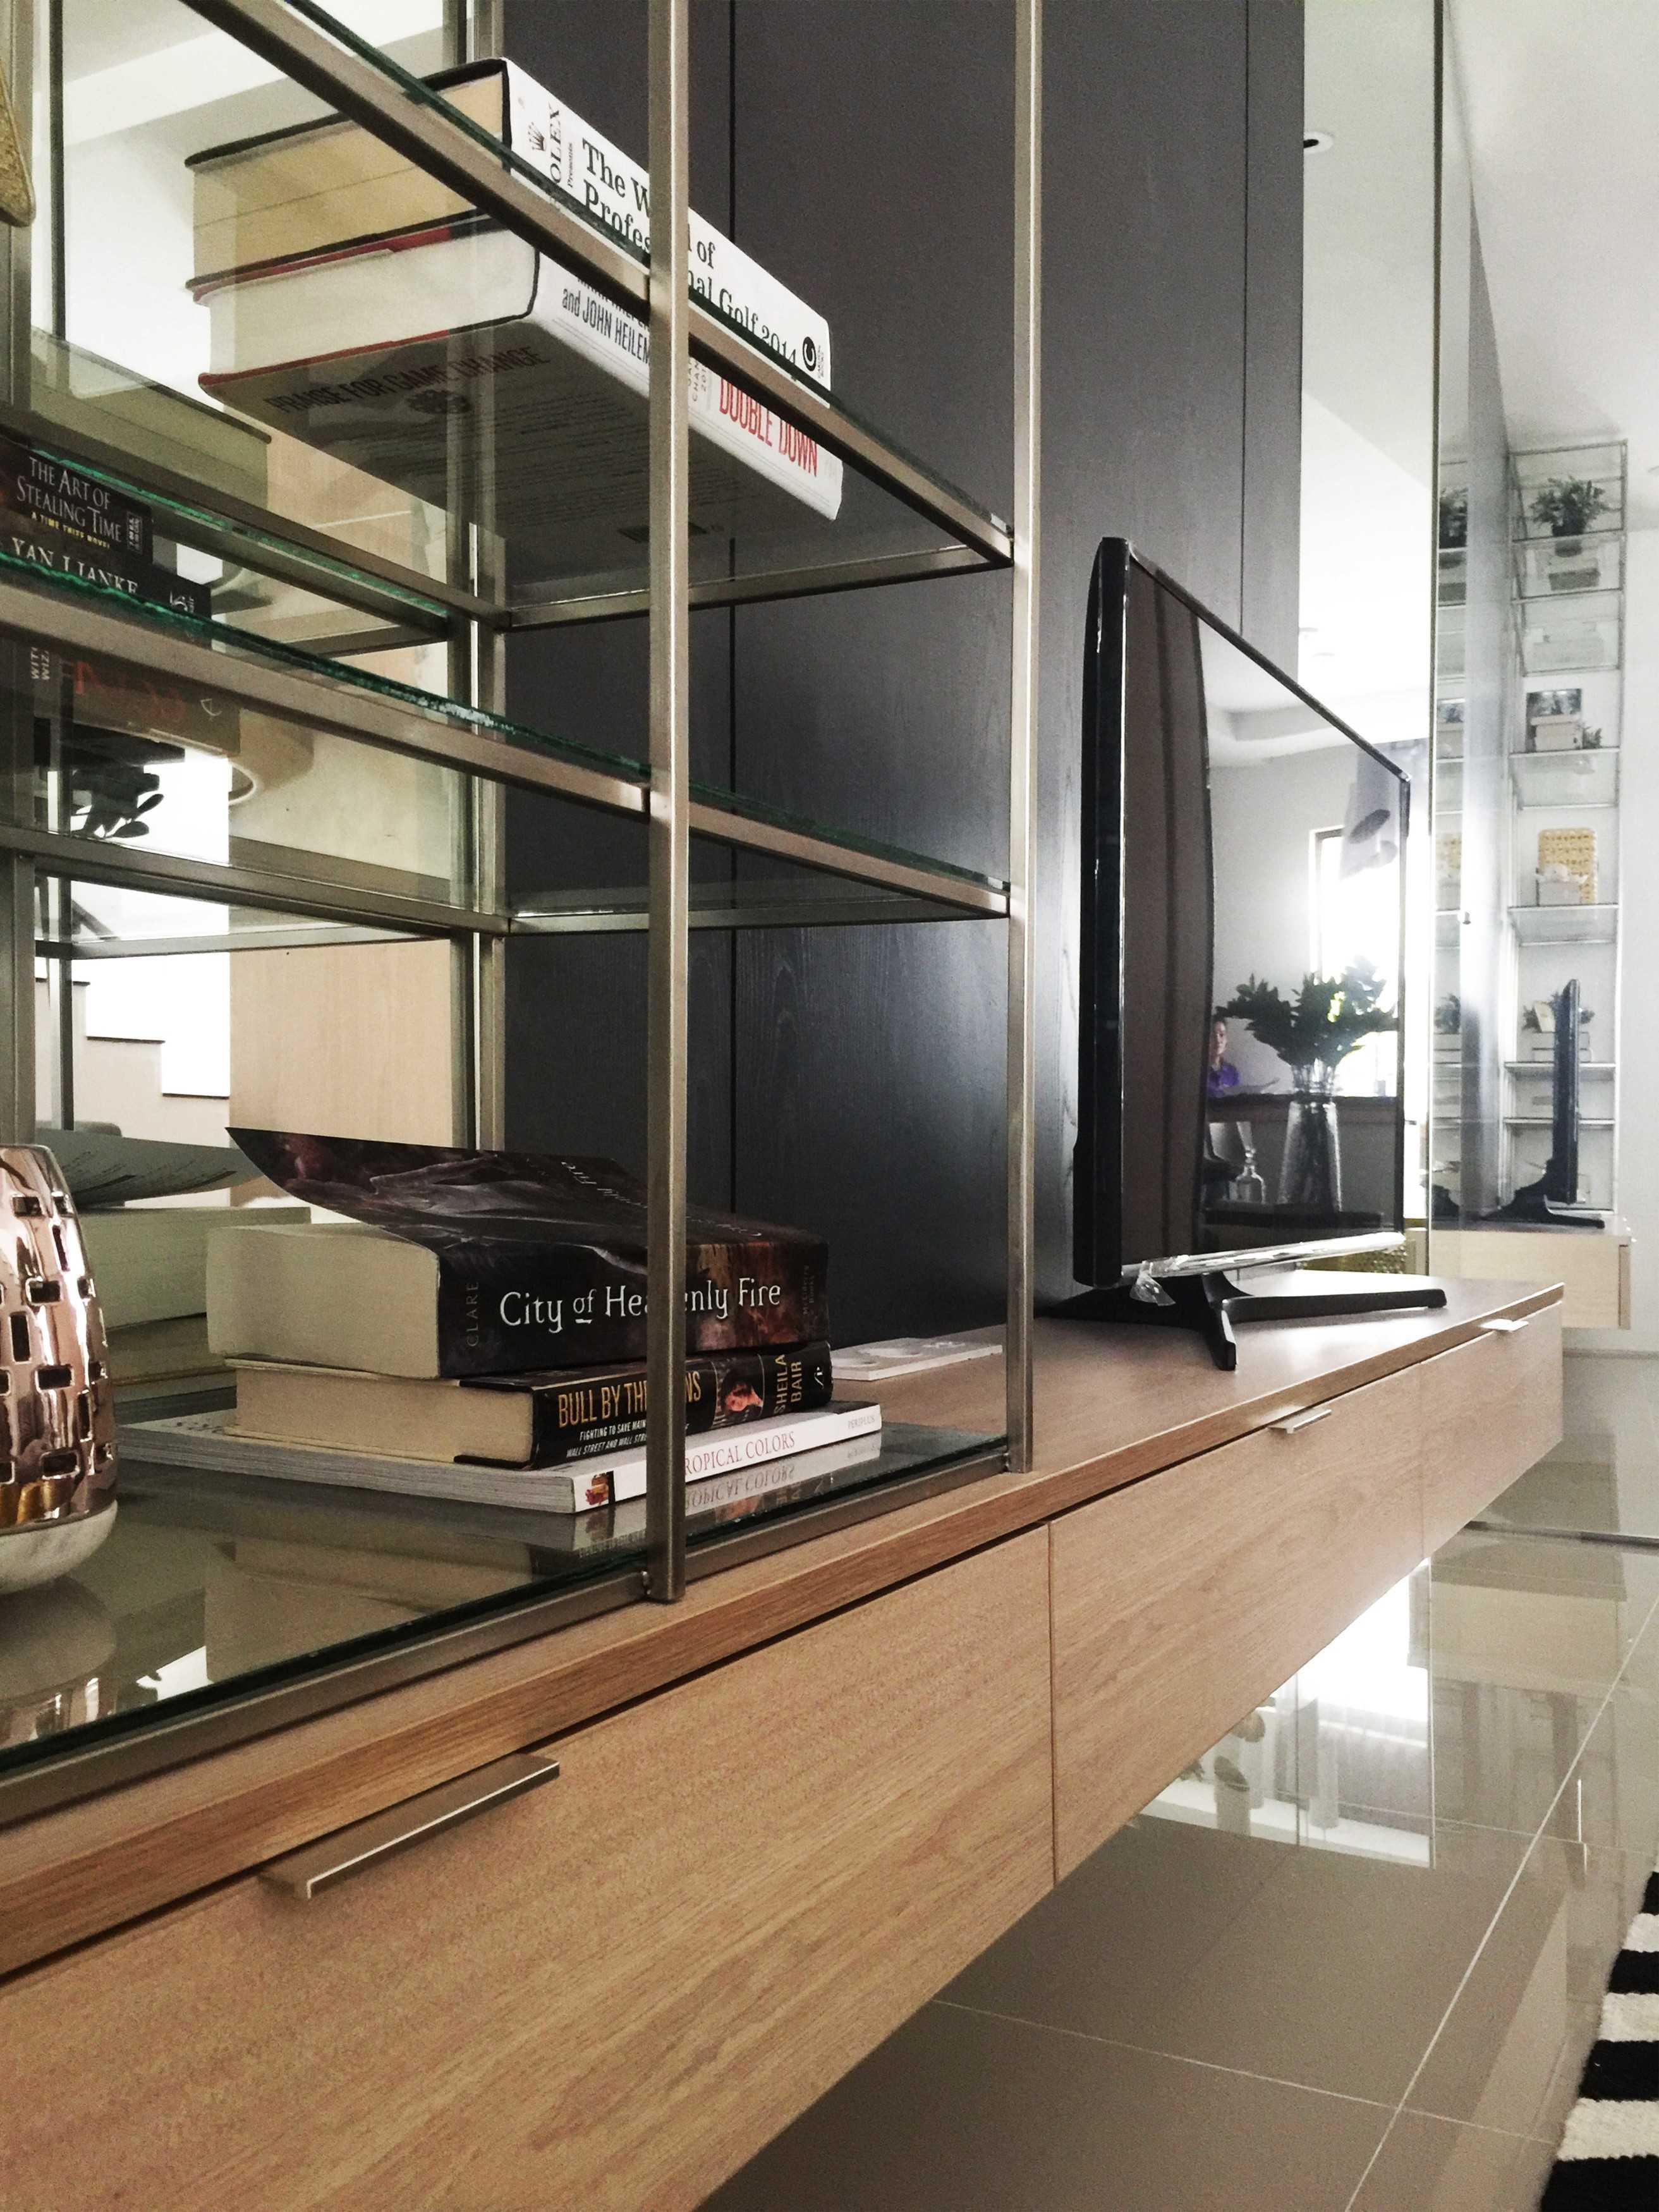 Koma Graha Natura Blok Aa Surabaya Surabaya Graha-Natura-Aa-23-Livingroom-7 Kontemporer,minimalis  29478